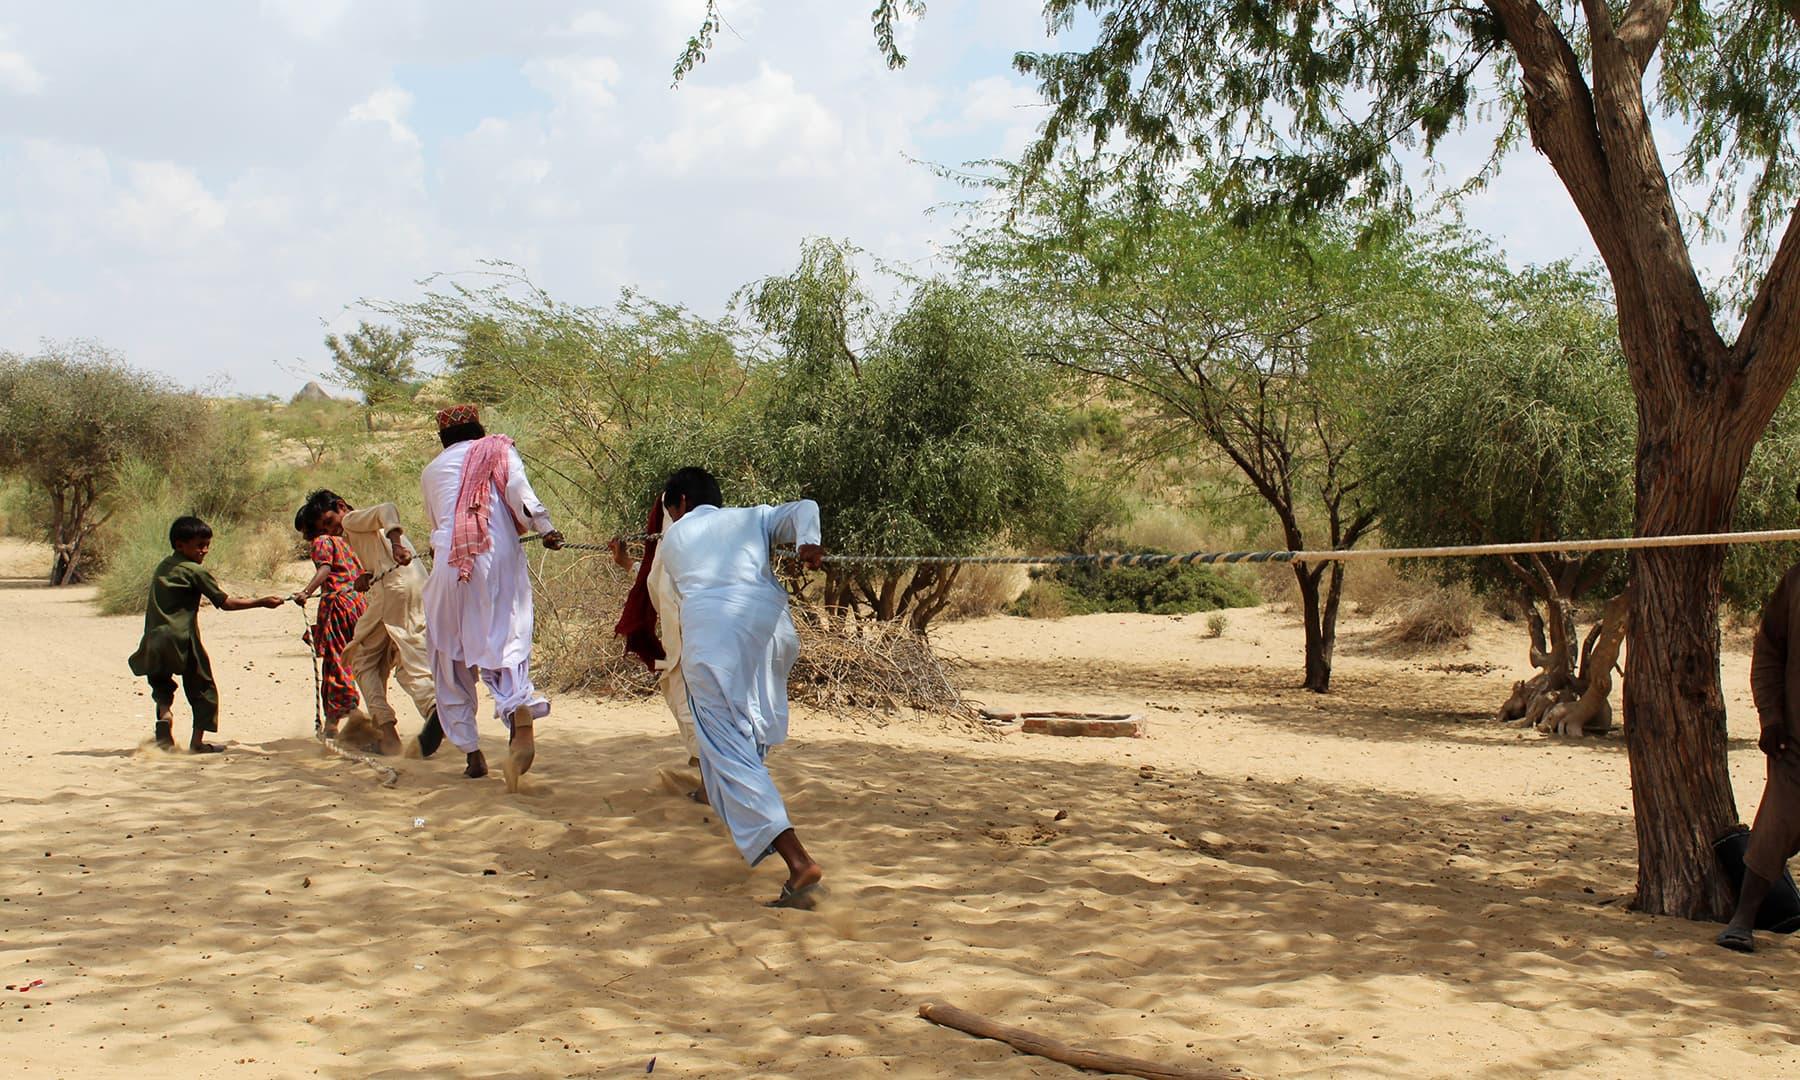 تھر کے لوگ کنوئیں سے رسی کی مدد سے پانی نکال رہے ہیں۔— فوٹو اختر حفیظ۔